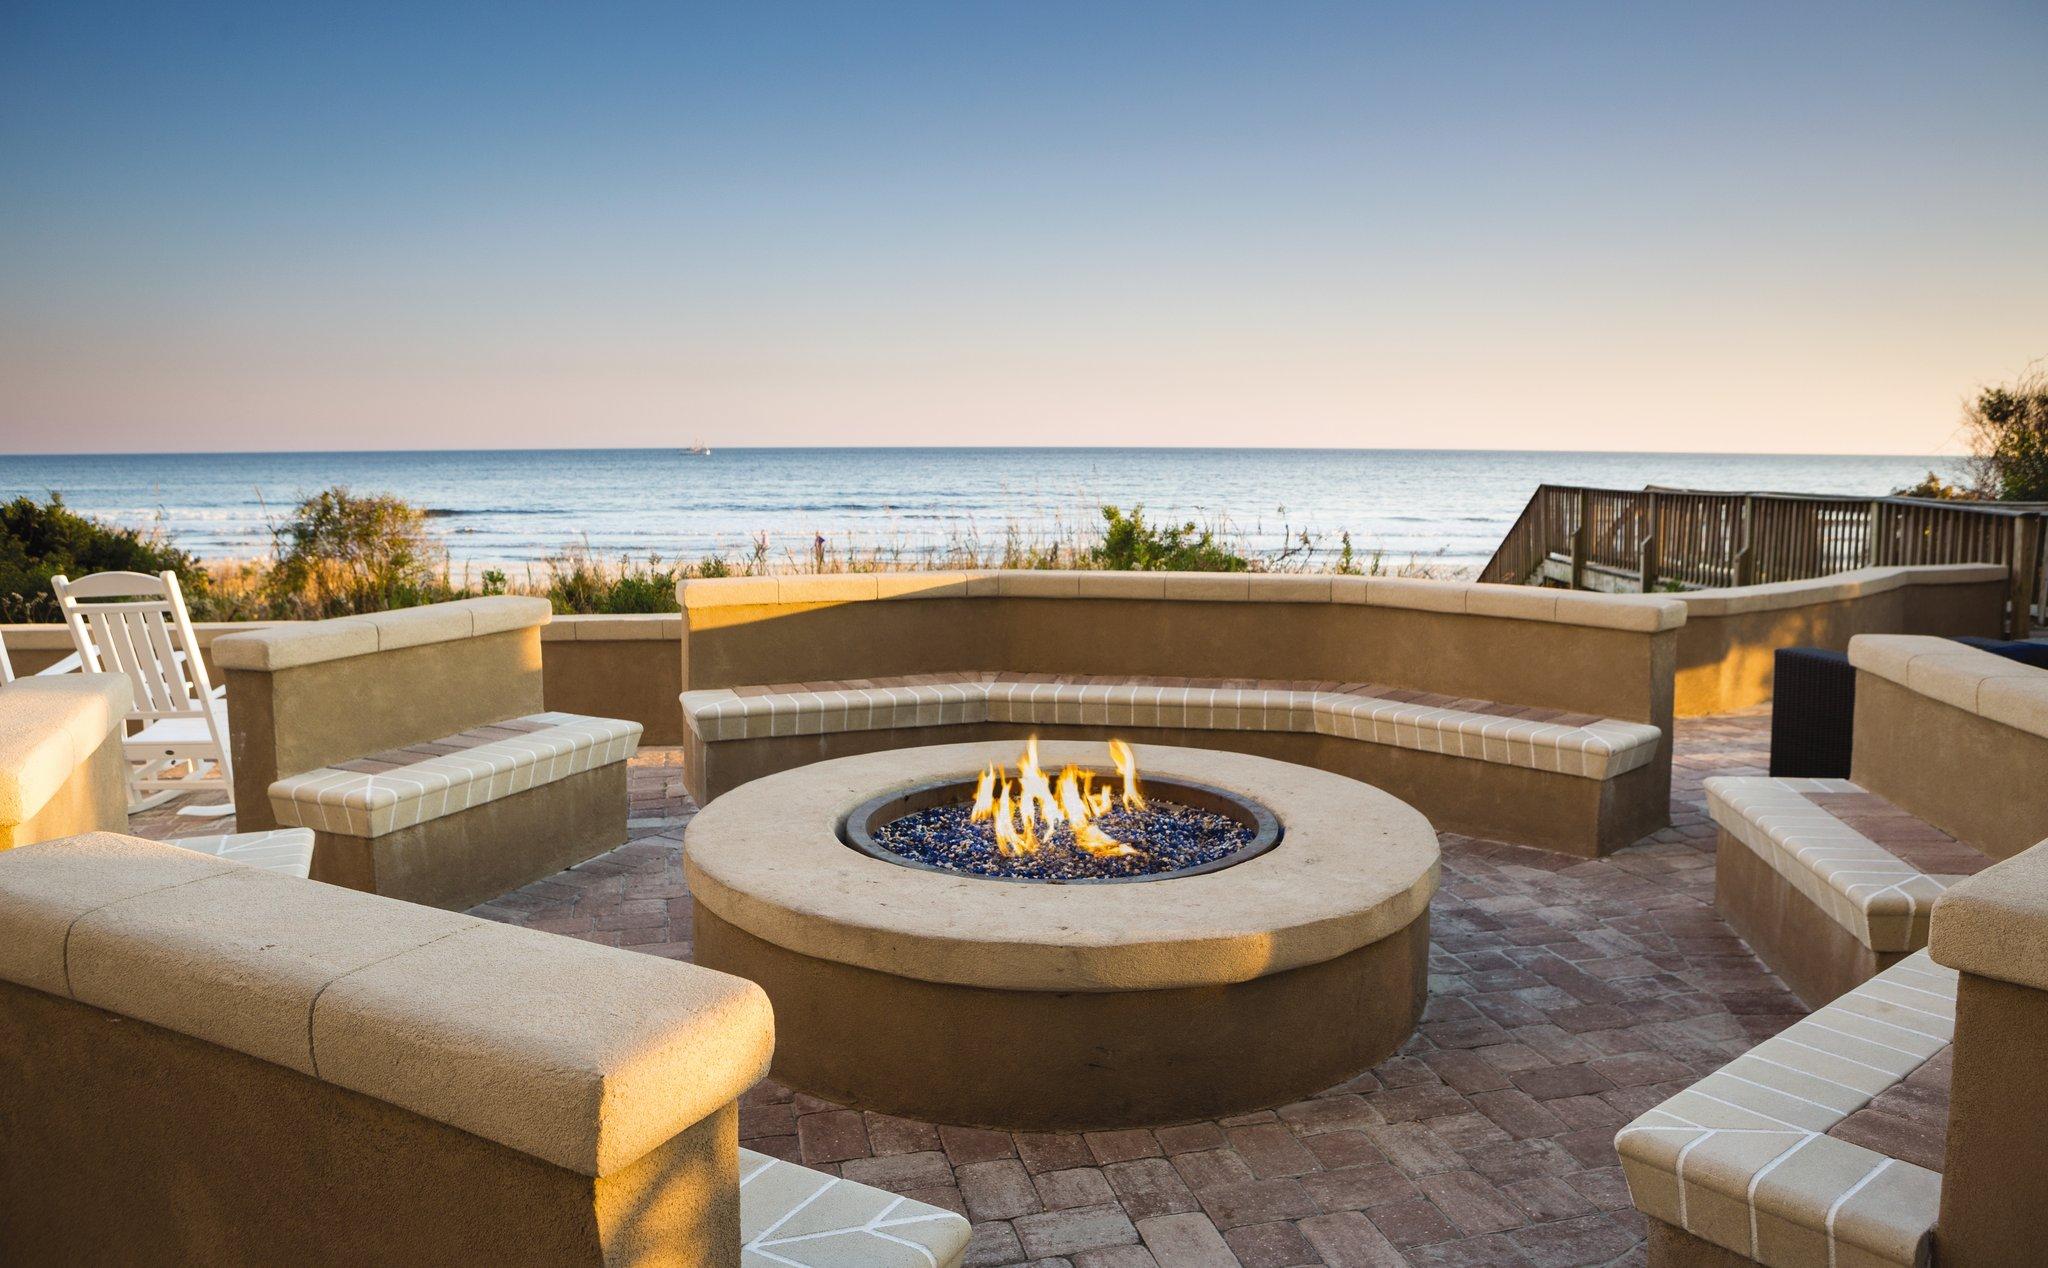 Wyndham Ocean Blvd Resort